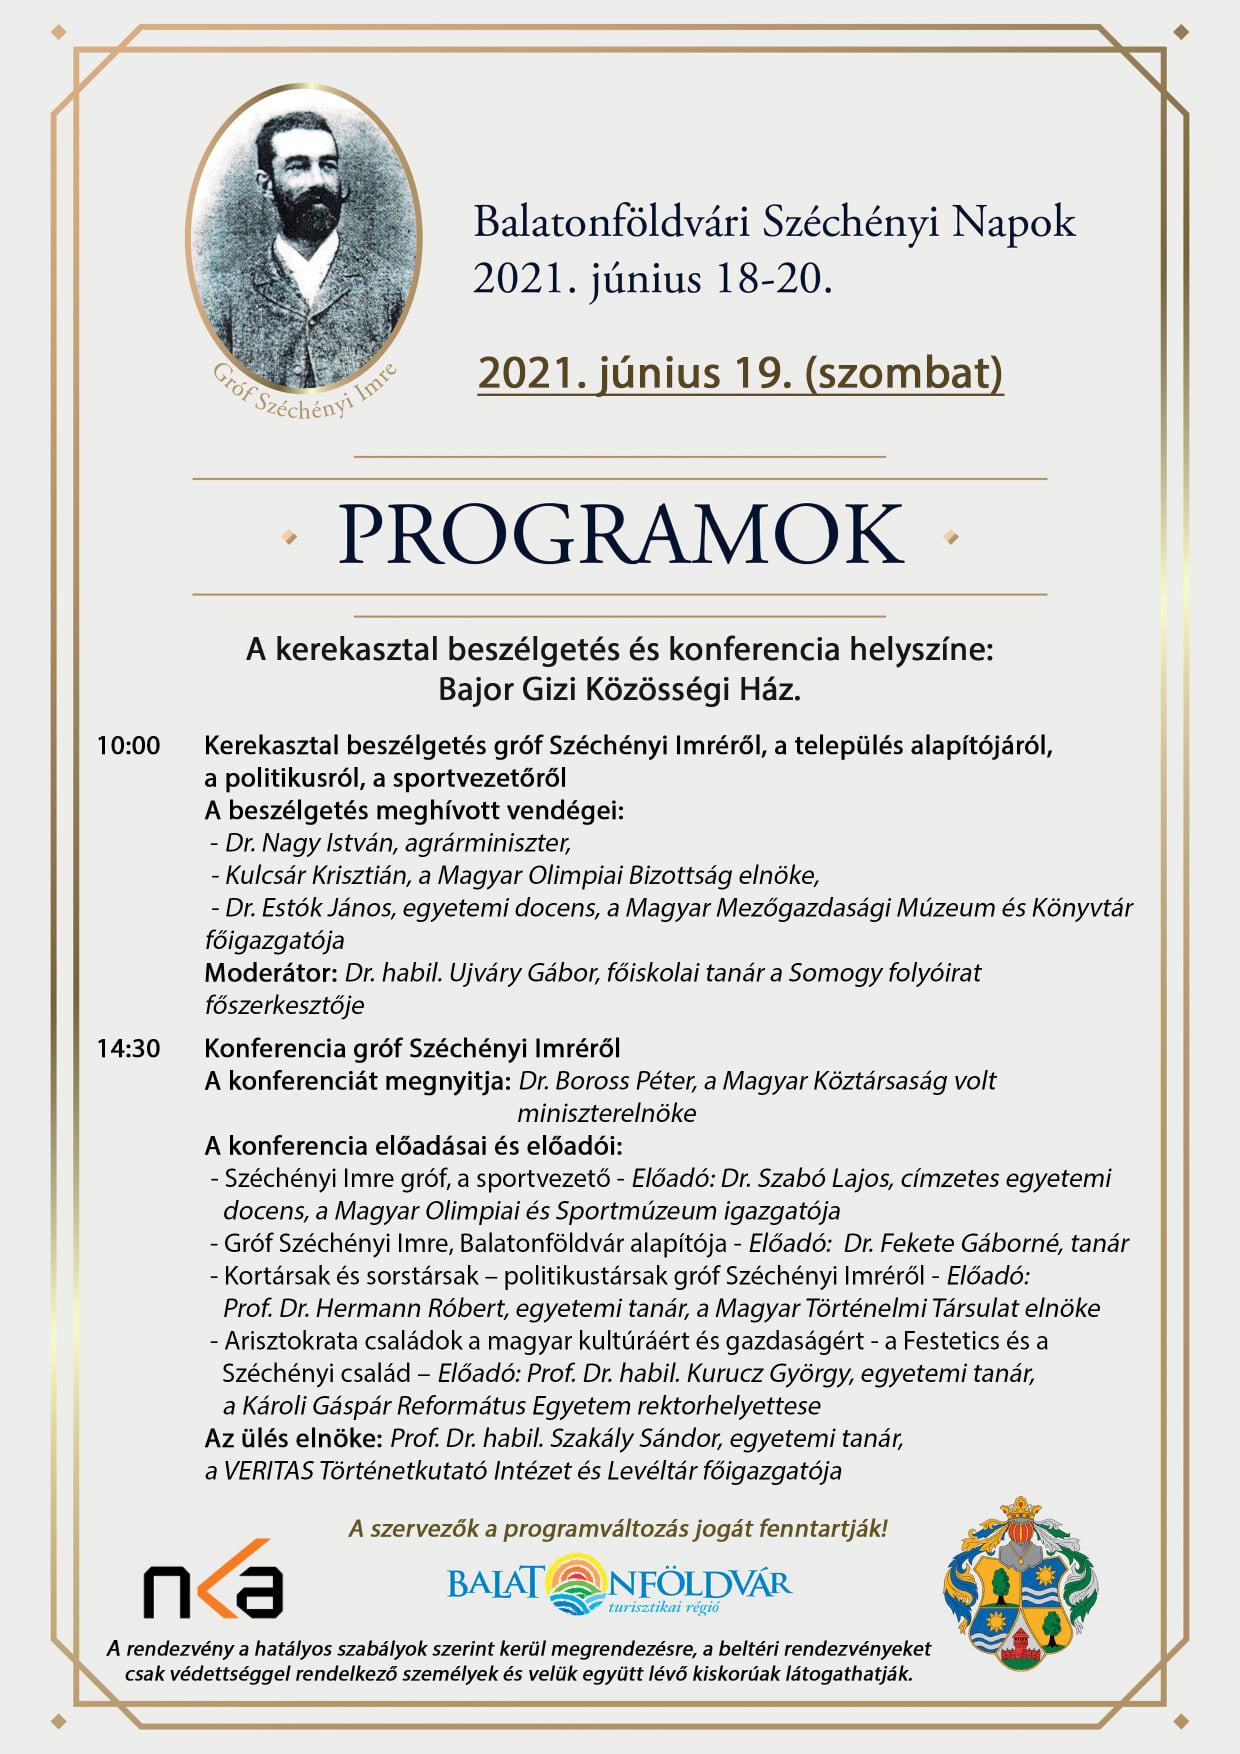 Balatonföldvár alapításának 125. évfordulója alkalmából a város Balatonföldvári Széchényi Napok rendezvényt szervez.